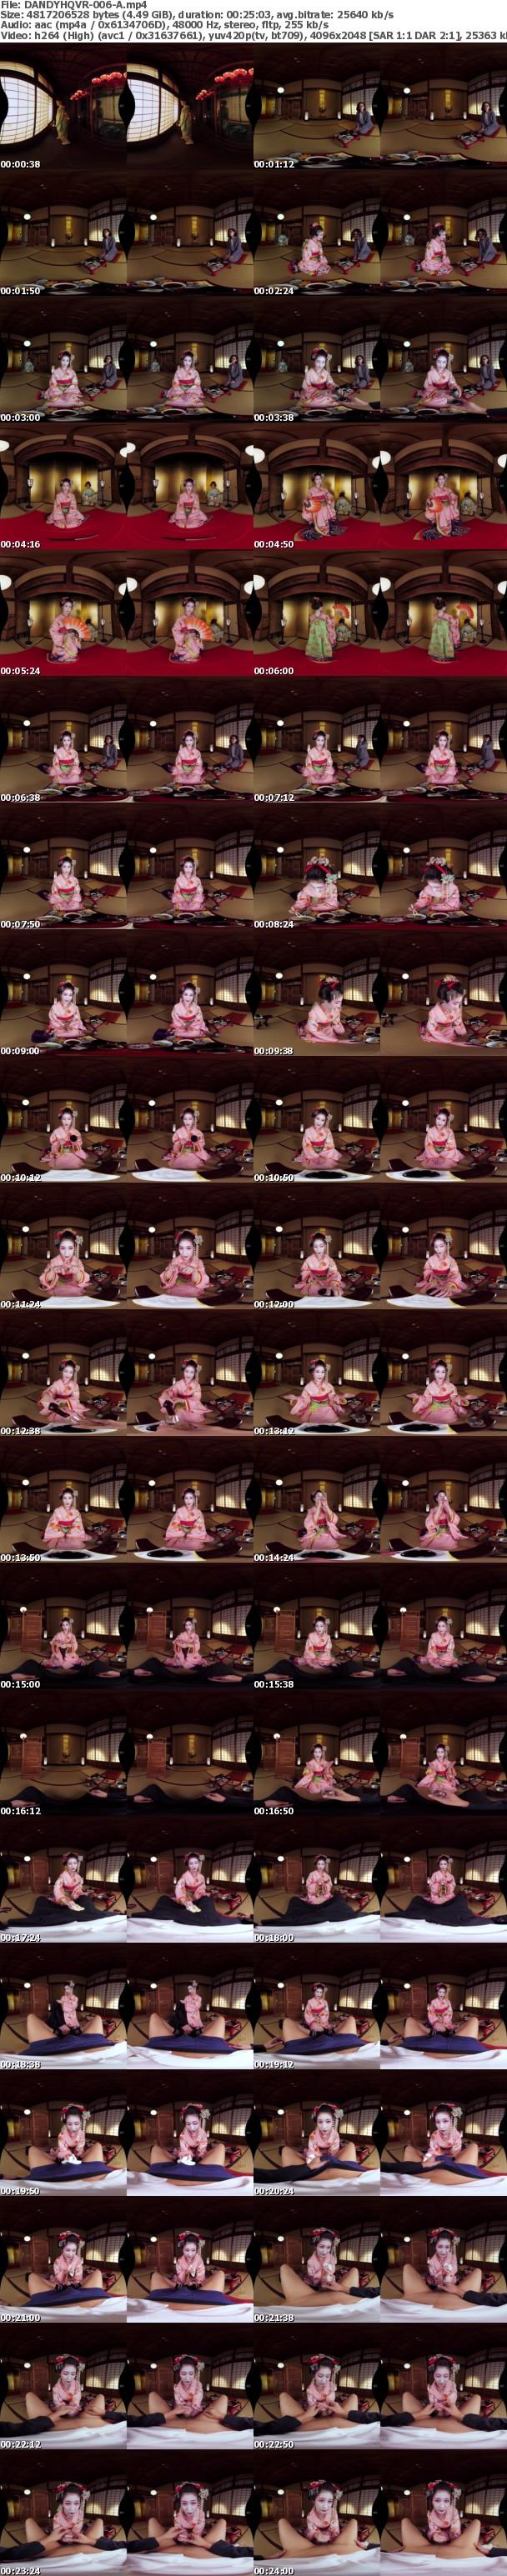 (VR) DANDYHQVR-006 舞妓体験VR うちの名前はりんどす